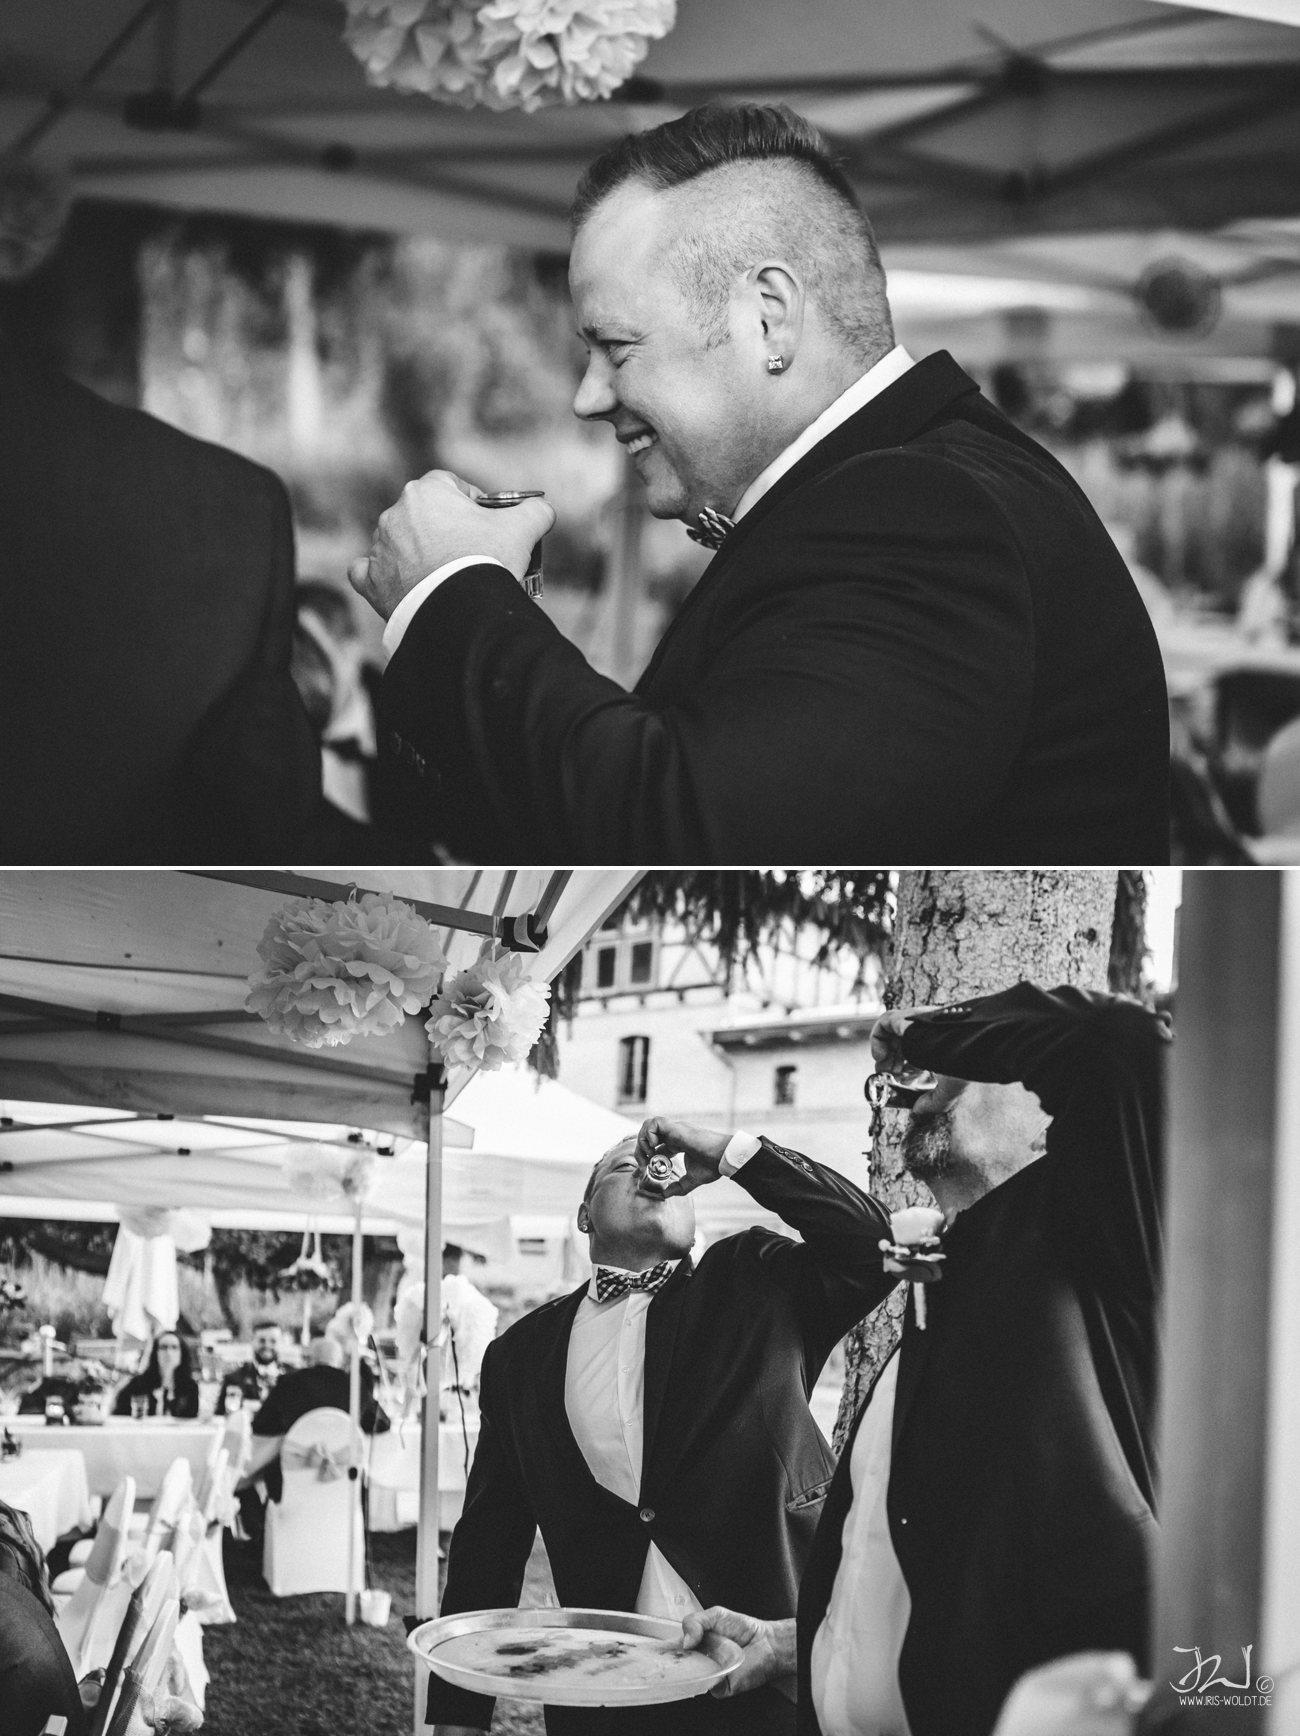 Hochzeitsfotograf_Altthymen_MuehleTornow_IrisWoldt 109